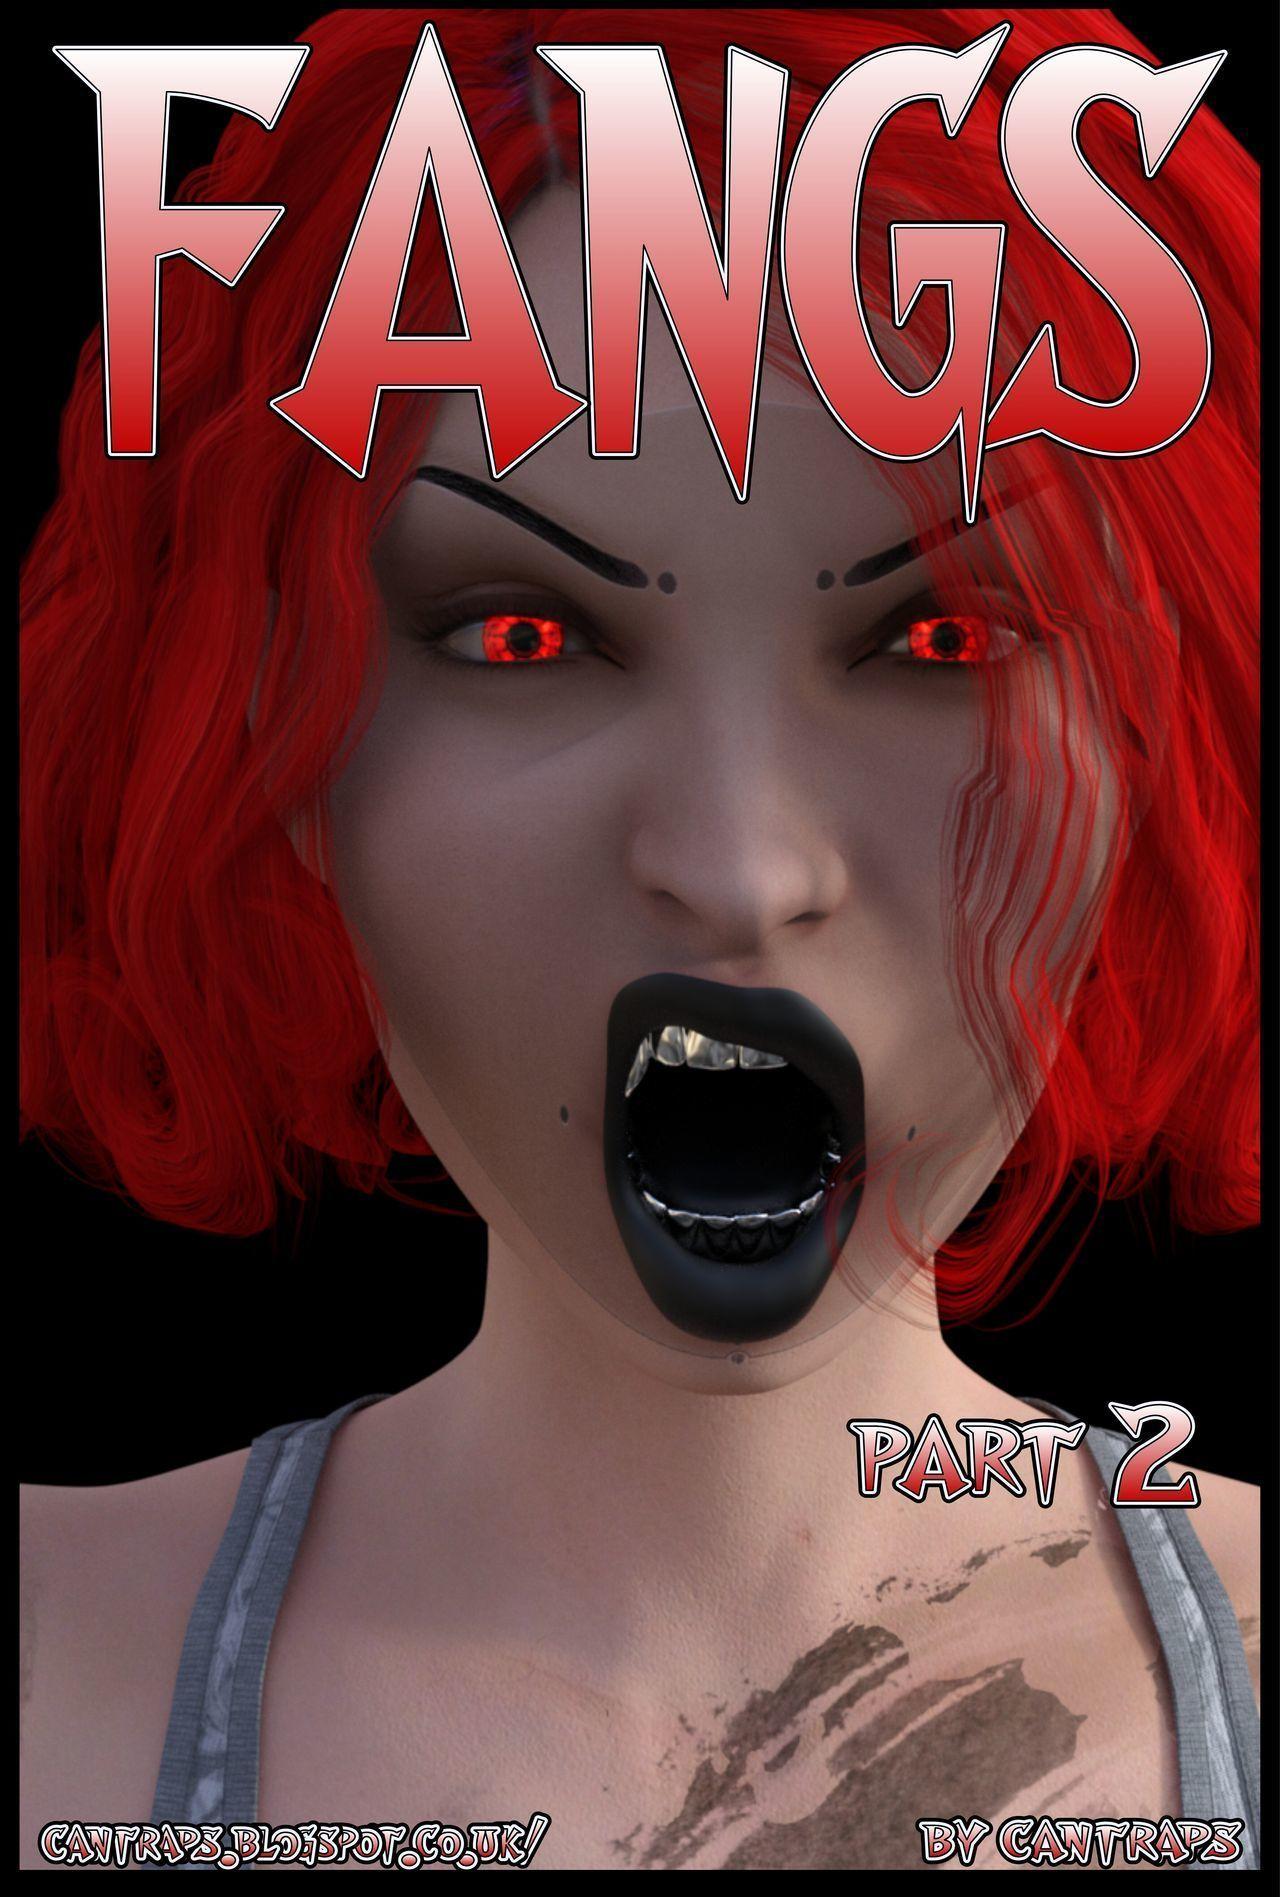 [Cantraps] Fangs Part 2